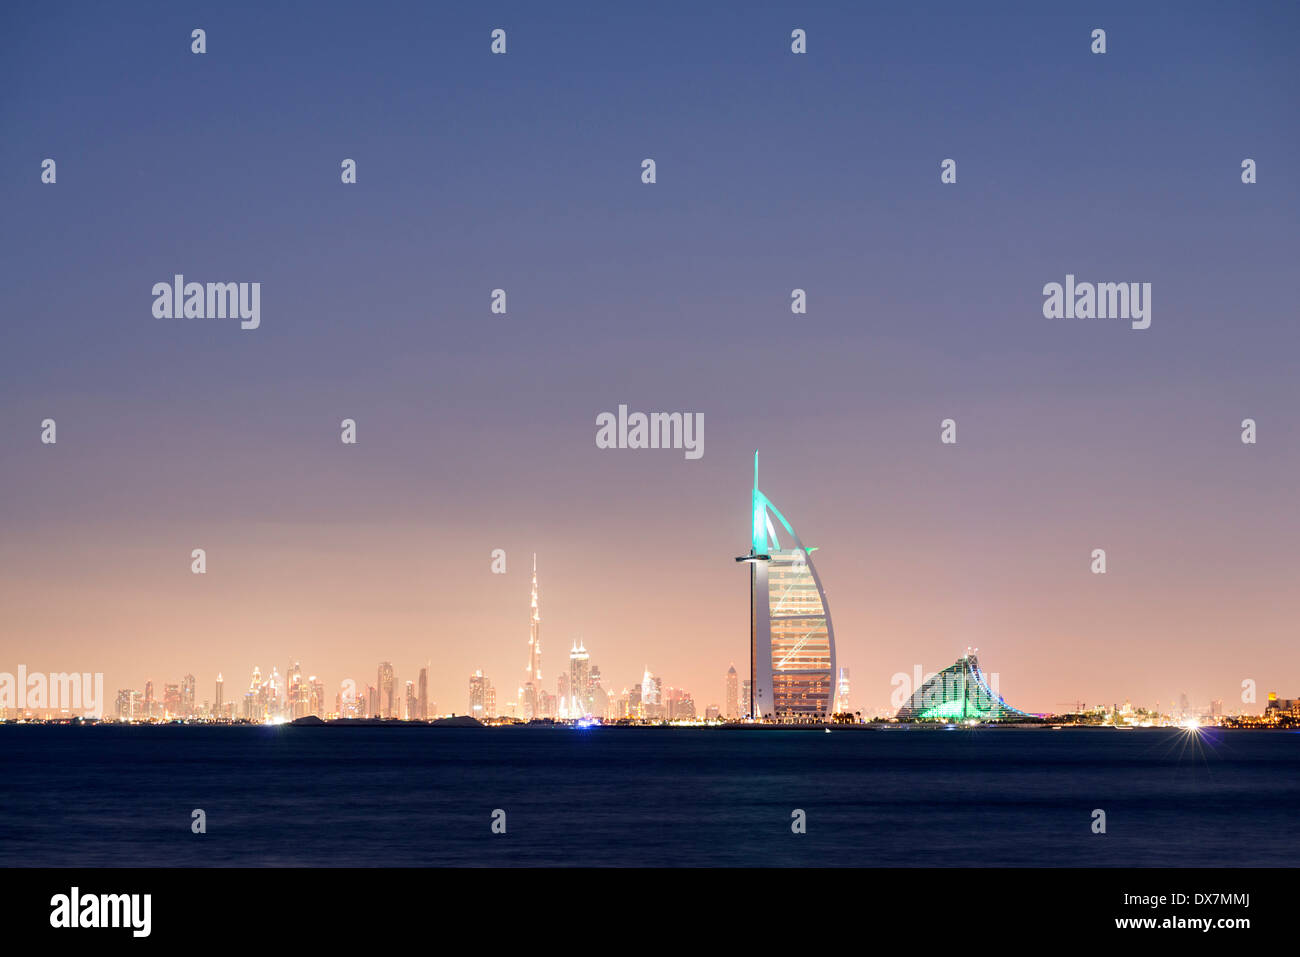 Nacht-Skyline auf Meer und luxuriöse Burj al Arab Hotel und Stadt Dubai mit Burj Khalifa tower in Ferne Vereinigte Arabische Emirate Stockbild